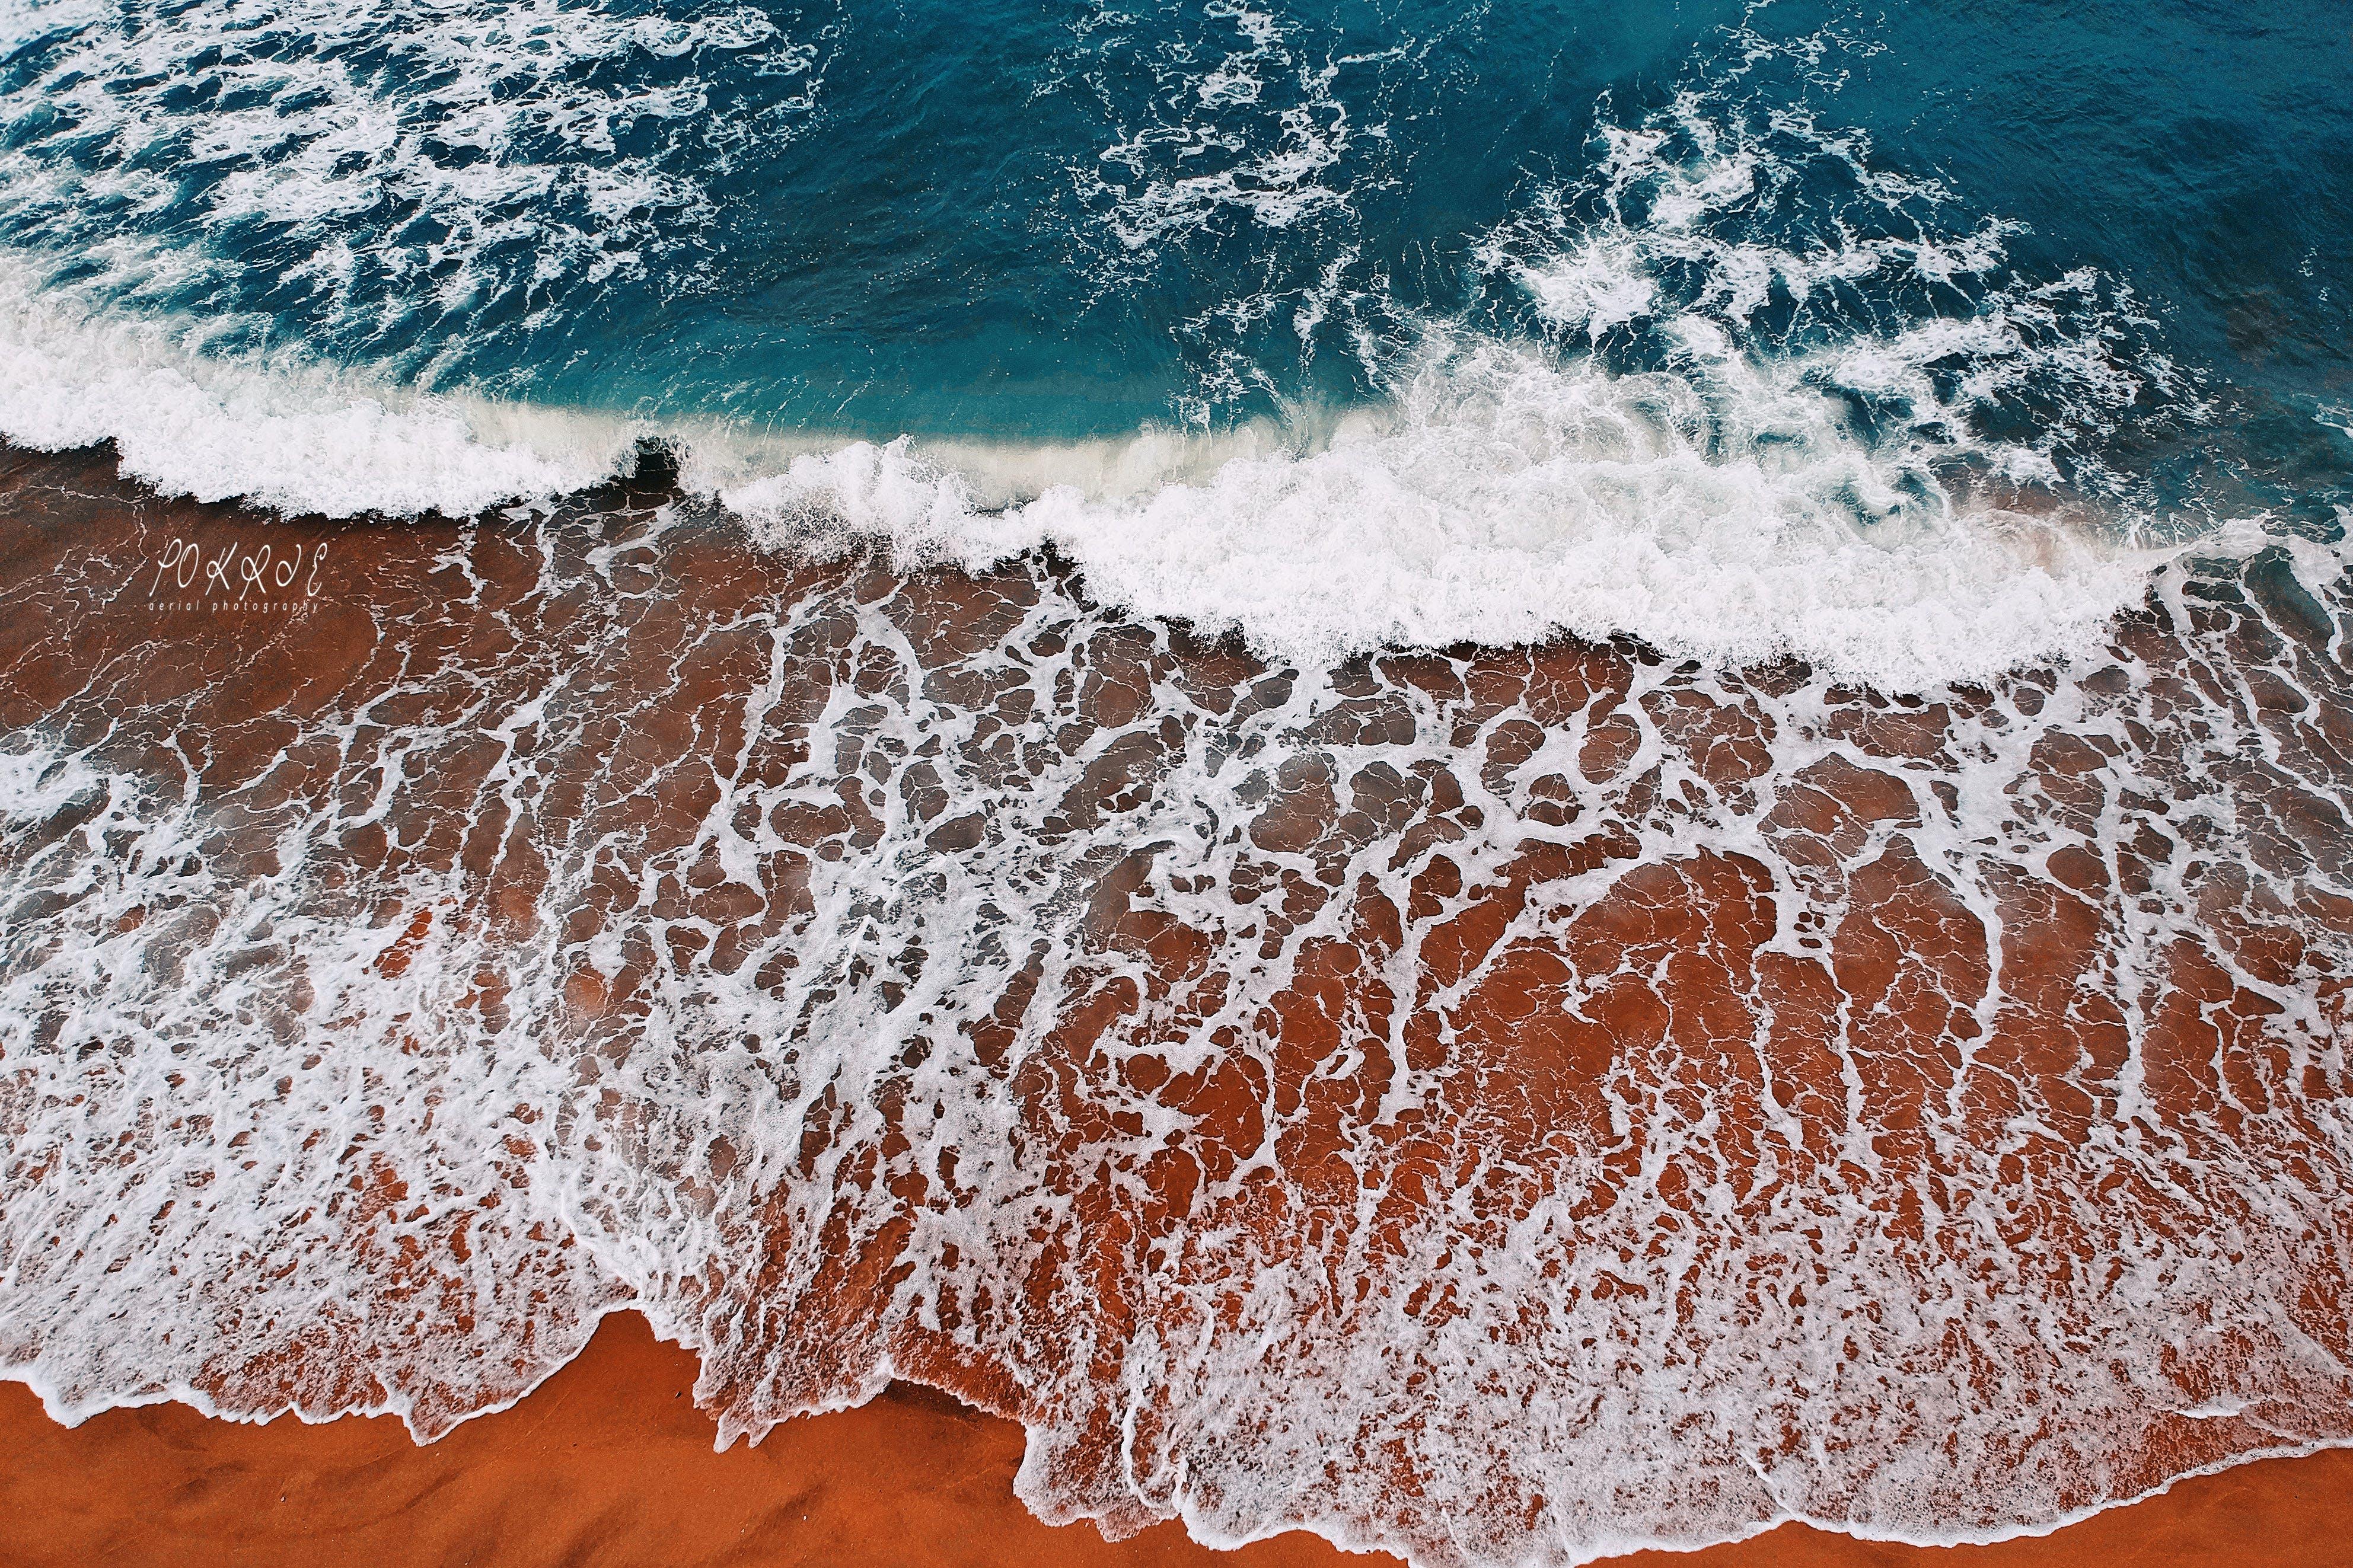 Gratis stockfoto met dag, golven, h2o, landschap